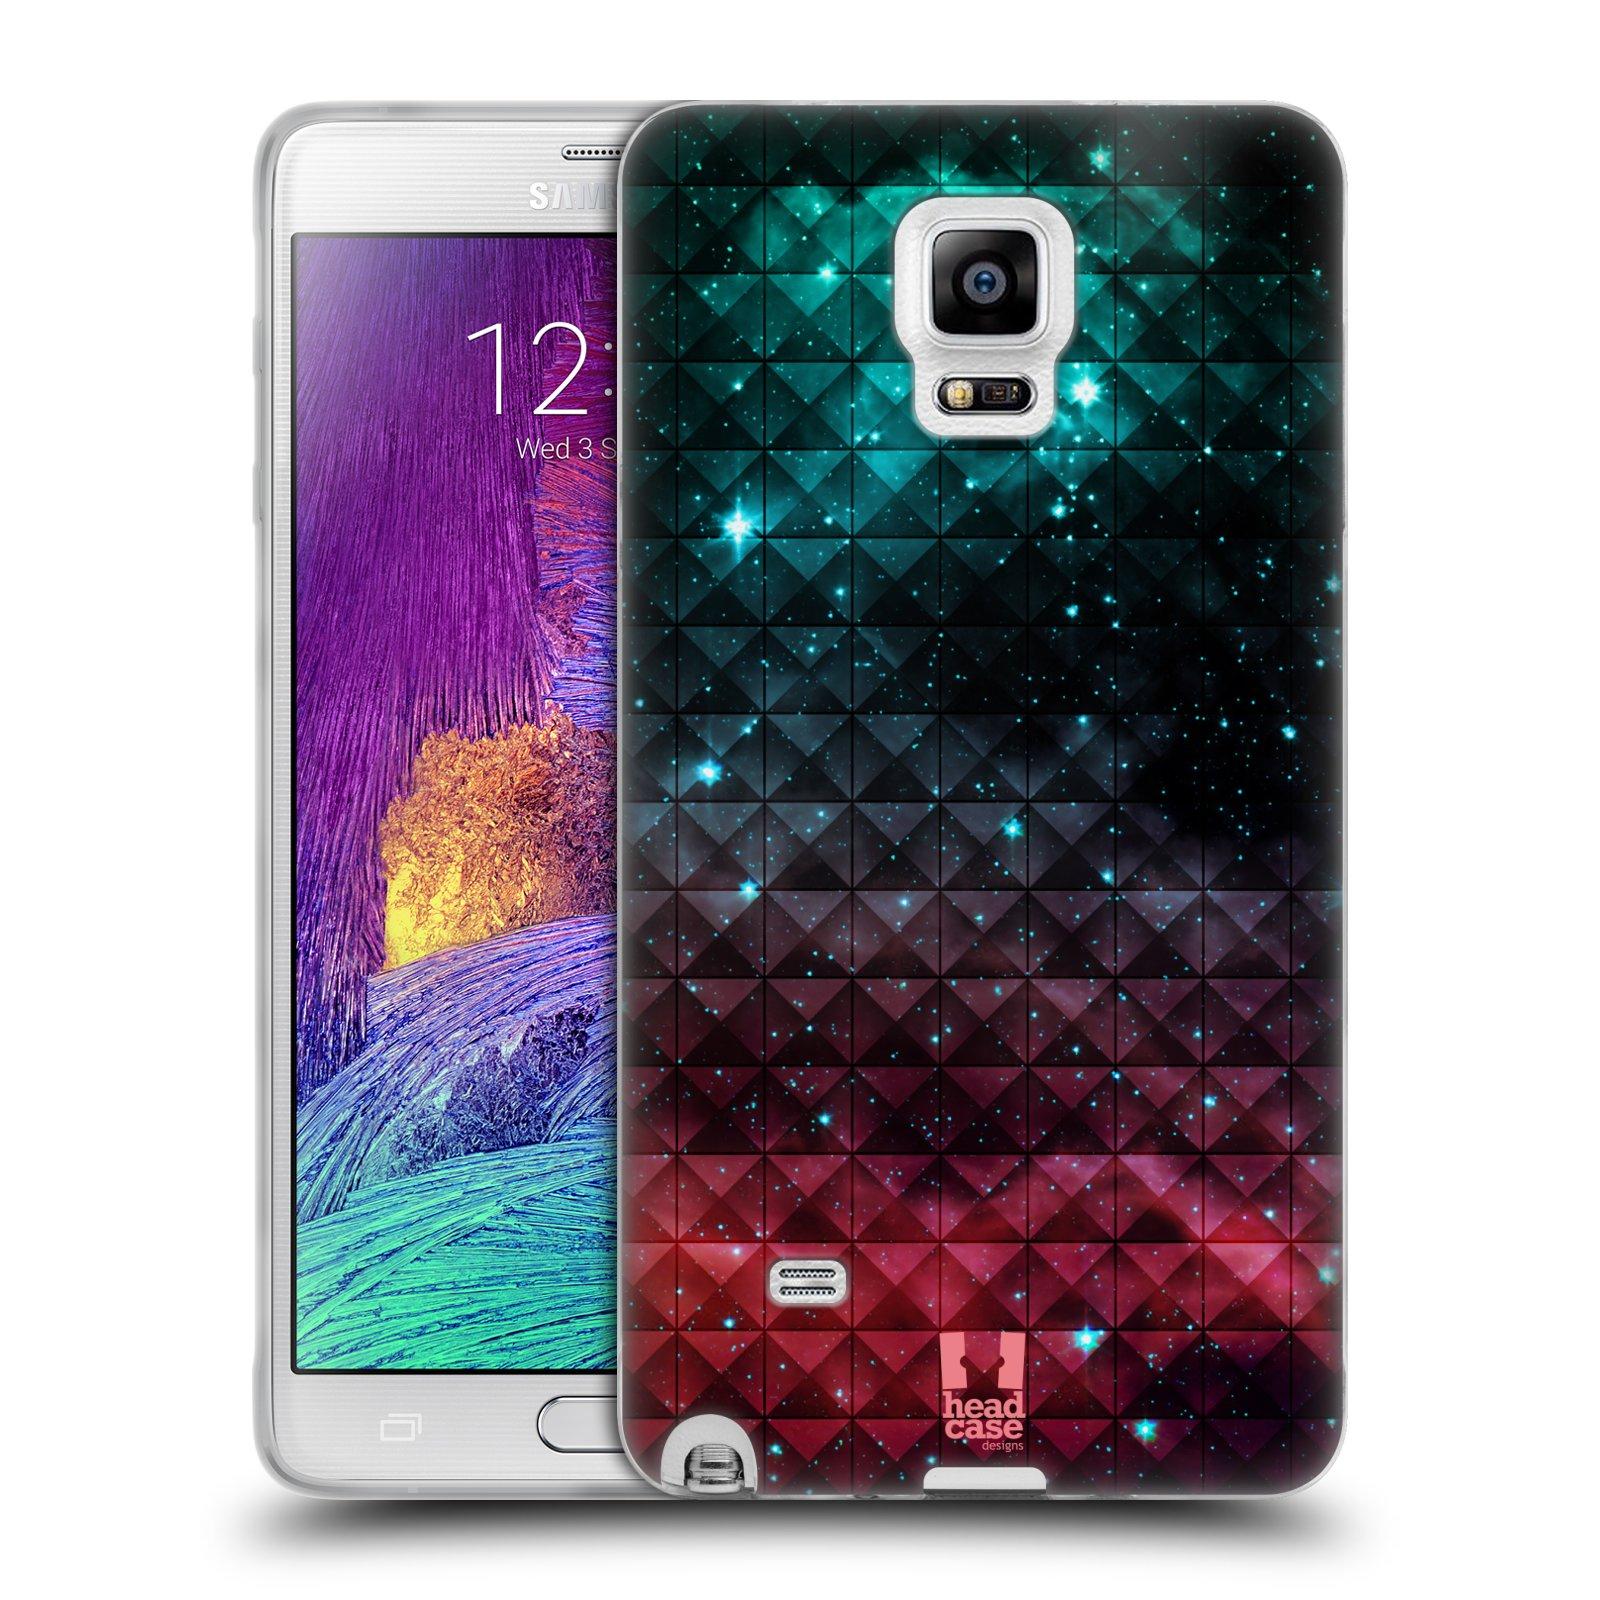 Silikonové pouzdro na mobil Samsung Galaxy Note 4 HEAD CASE OMBRE SPARKLE (Silikonový kryt či obal na mobilní telefon Samsung Galaxy Note 4 SM-N910F)